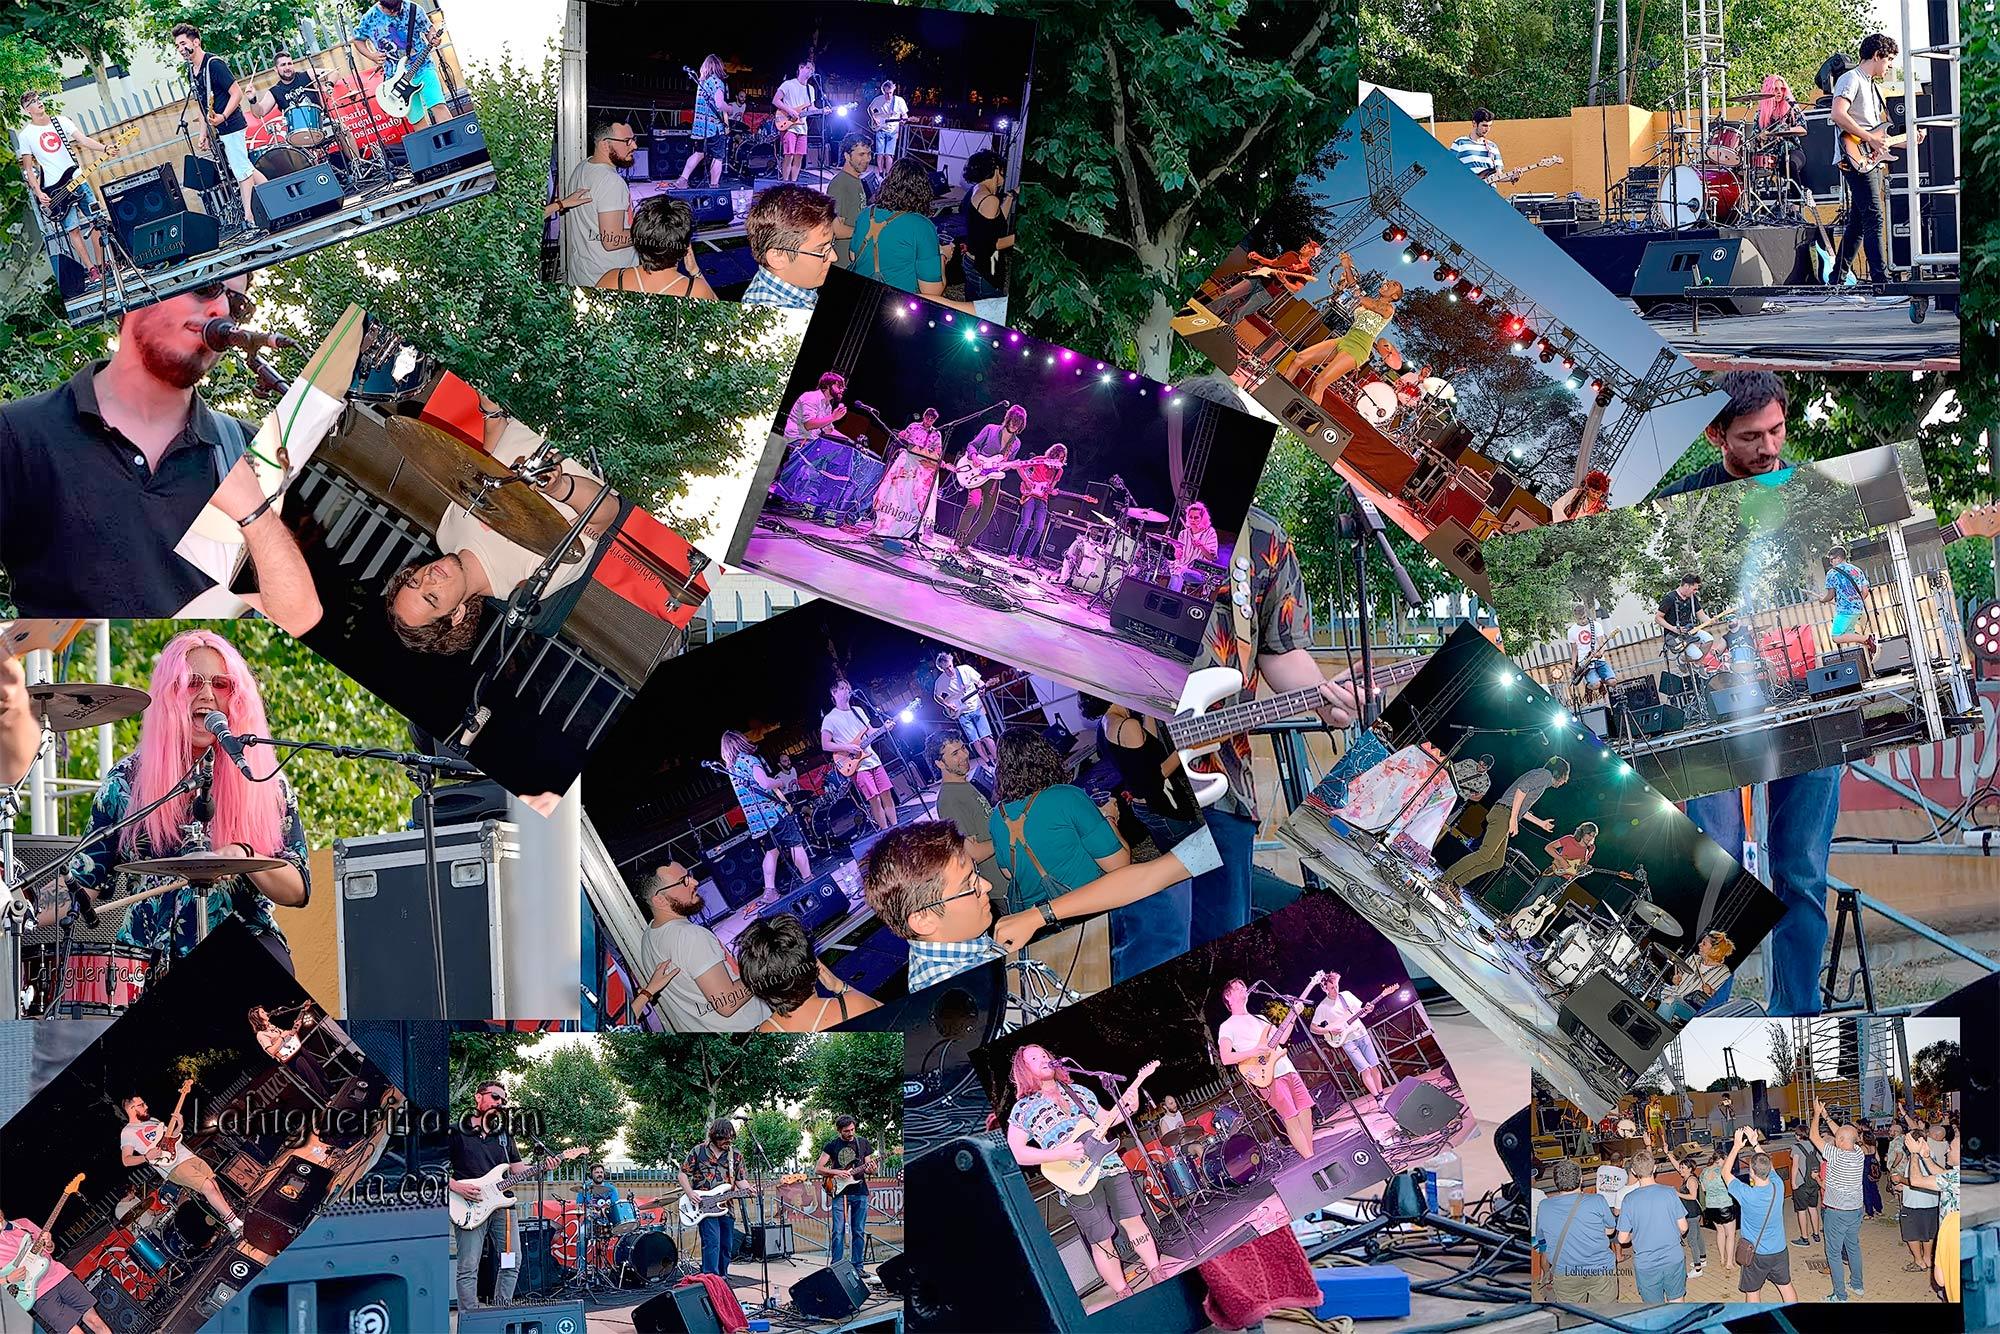 Popurri fotográfico de los grupos que actuaron en el Festival Anfirock Isla Cristina 2017